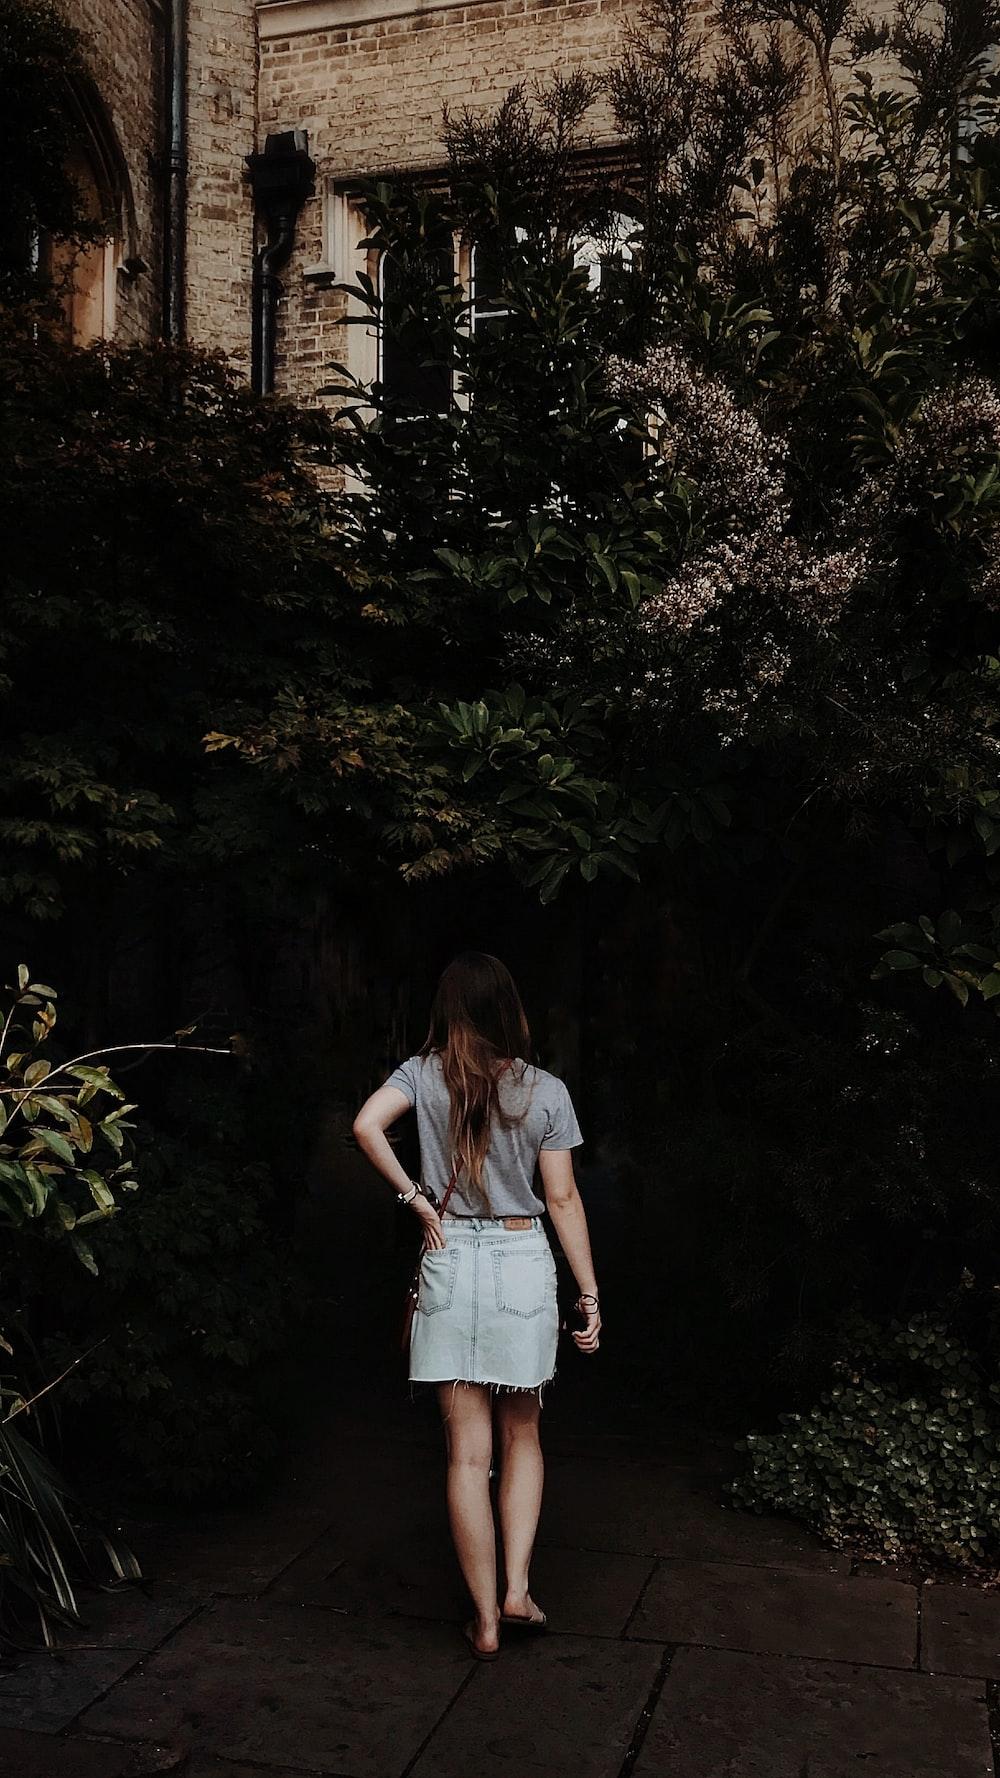 woman walking in flower garden